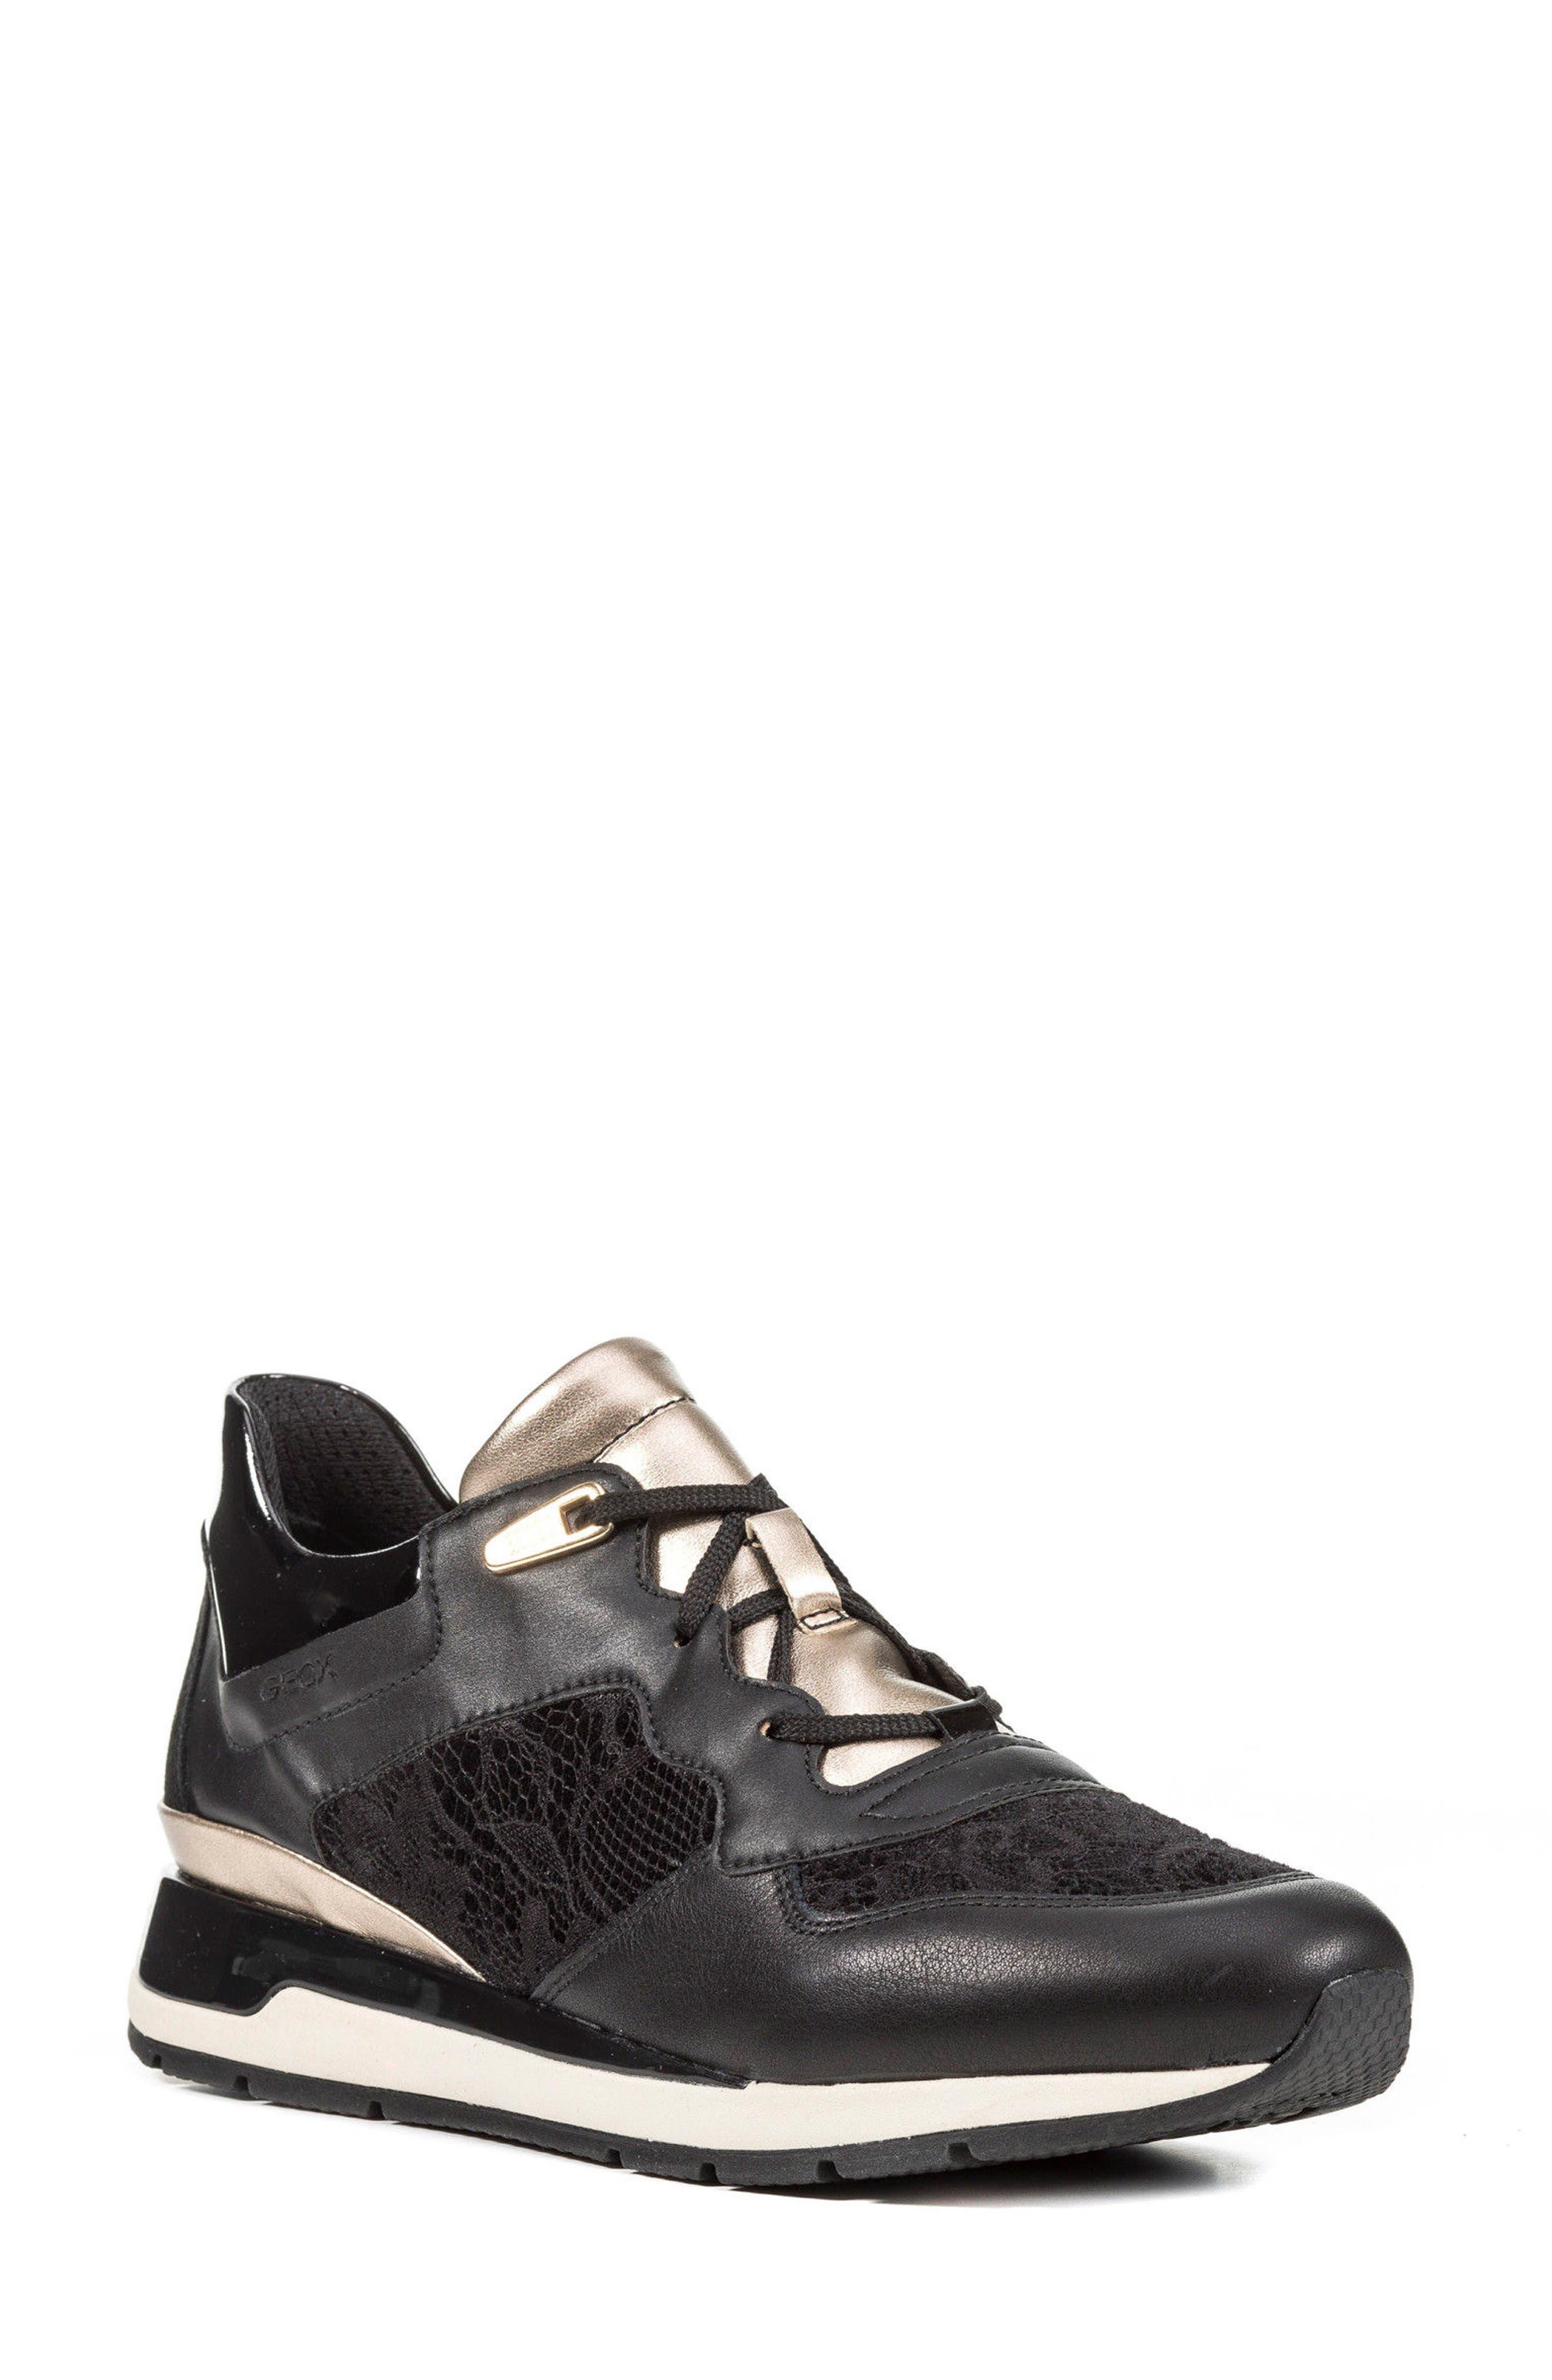 Shahira Sneaker,                             Main thumbnail 1, color,                             001